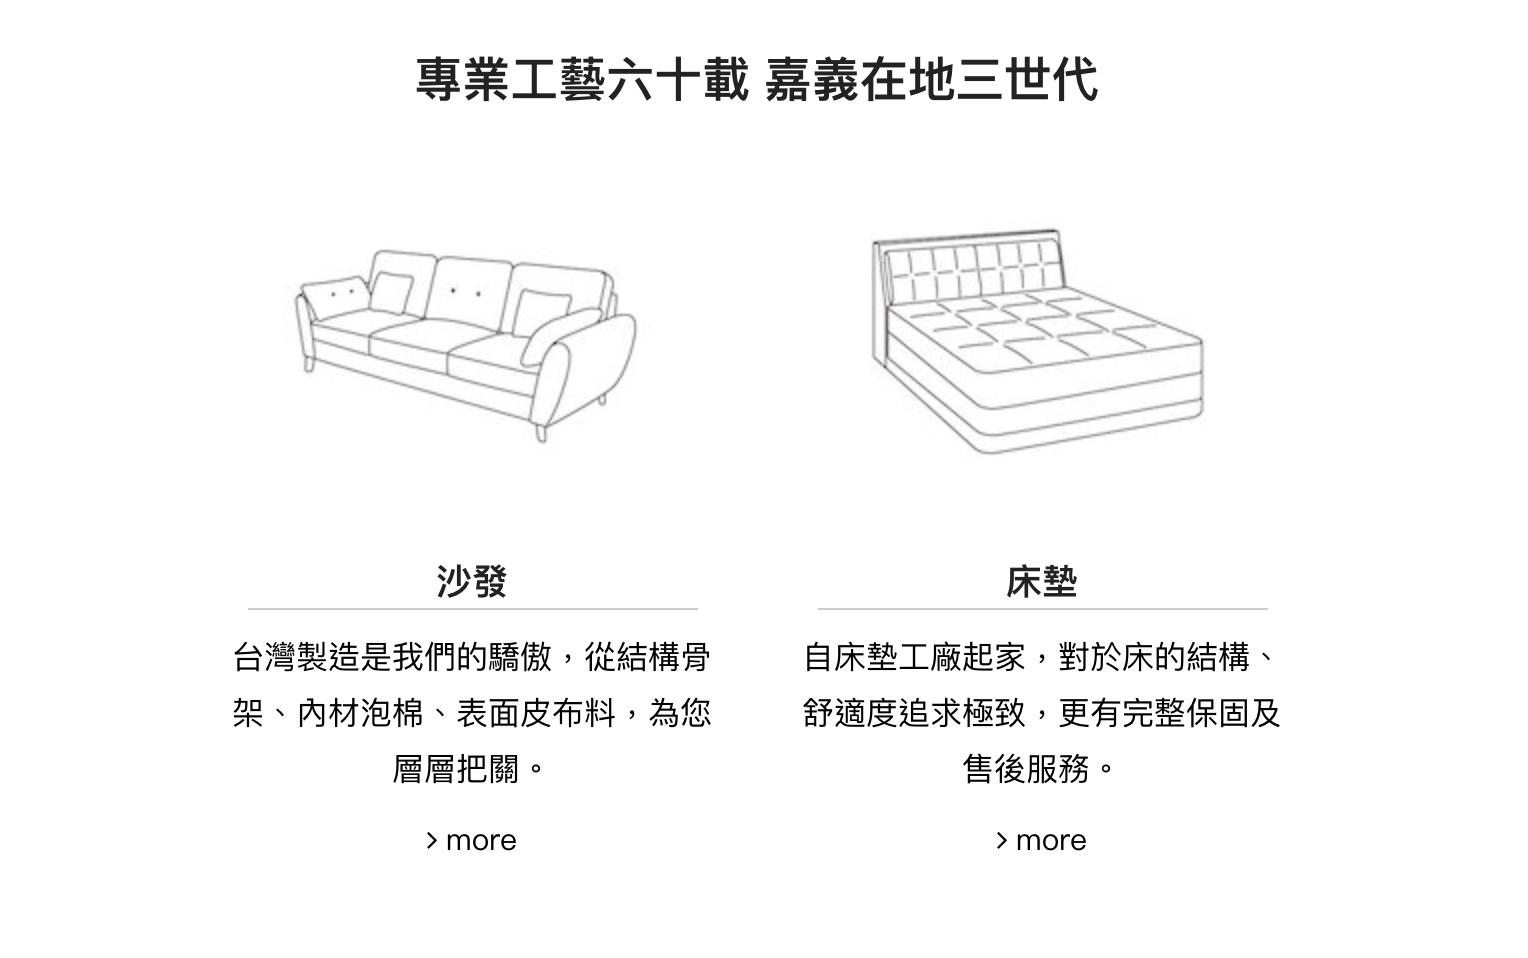 嘉義SEO網頁設計成功案例-主打產品|明久家具-嘉義沙發、床墊工廠推薦品牌